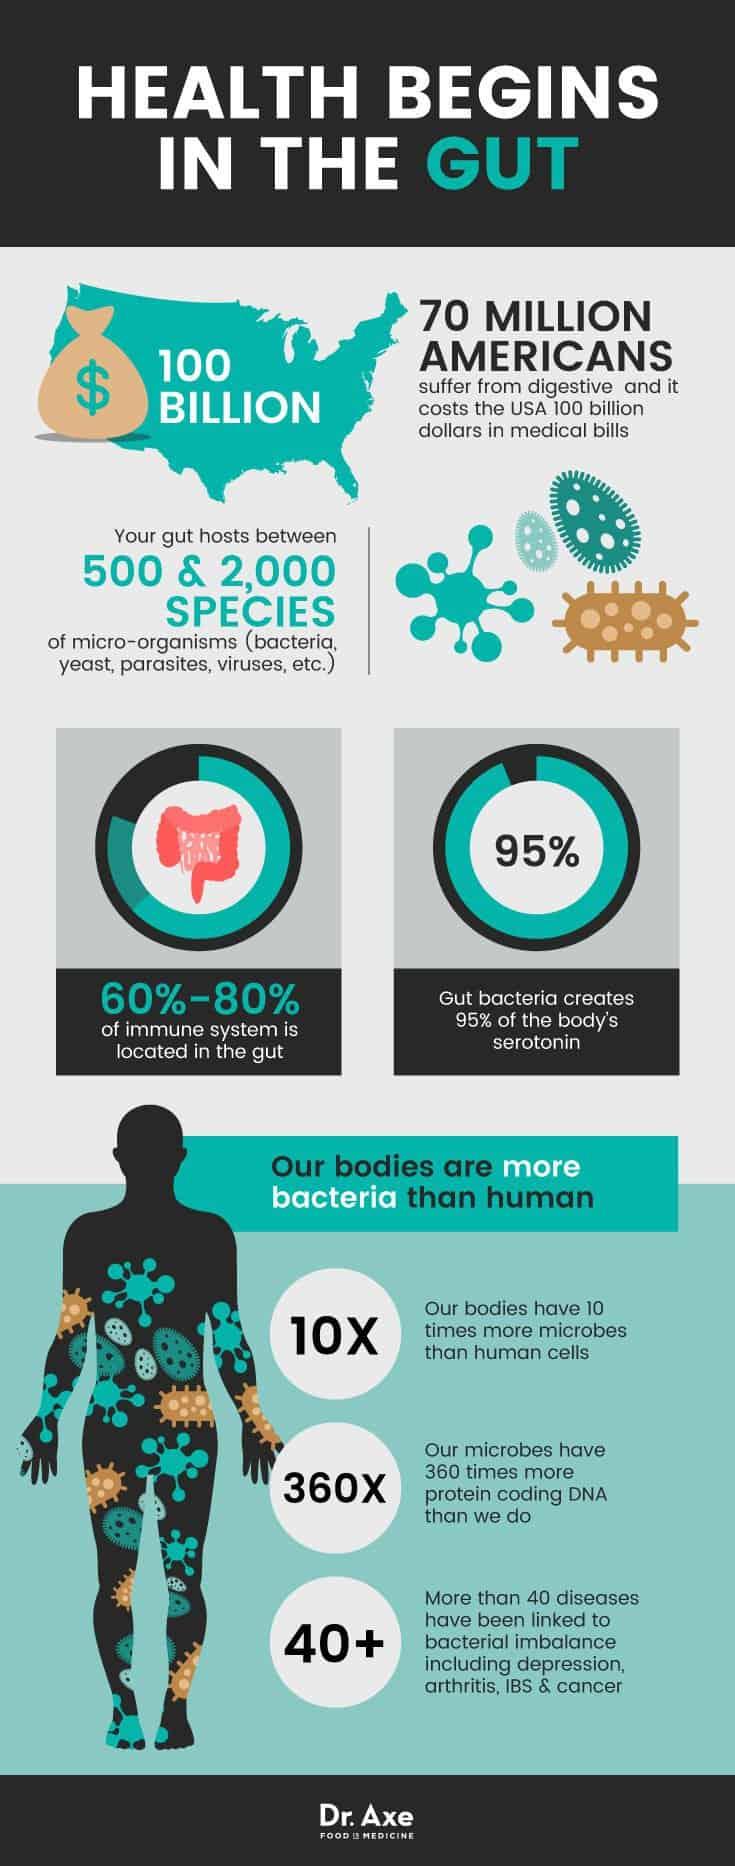 dr axe probiotics infographic